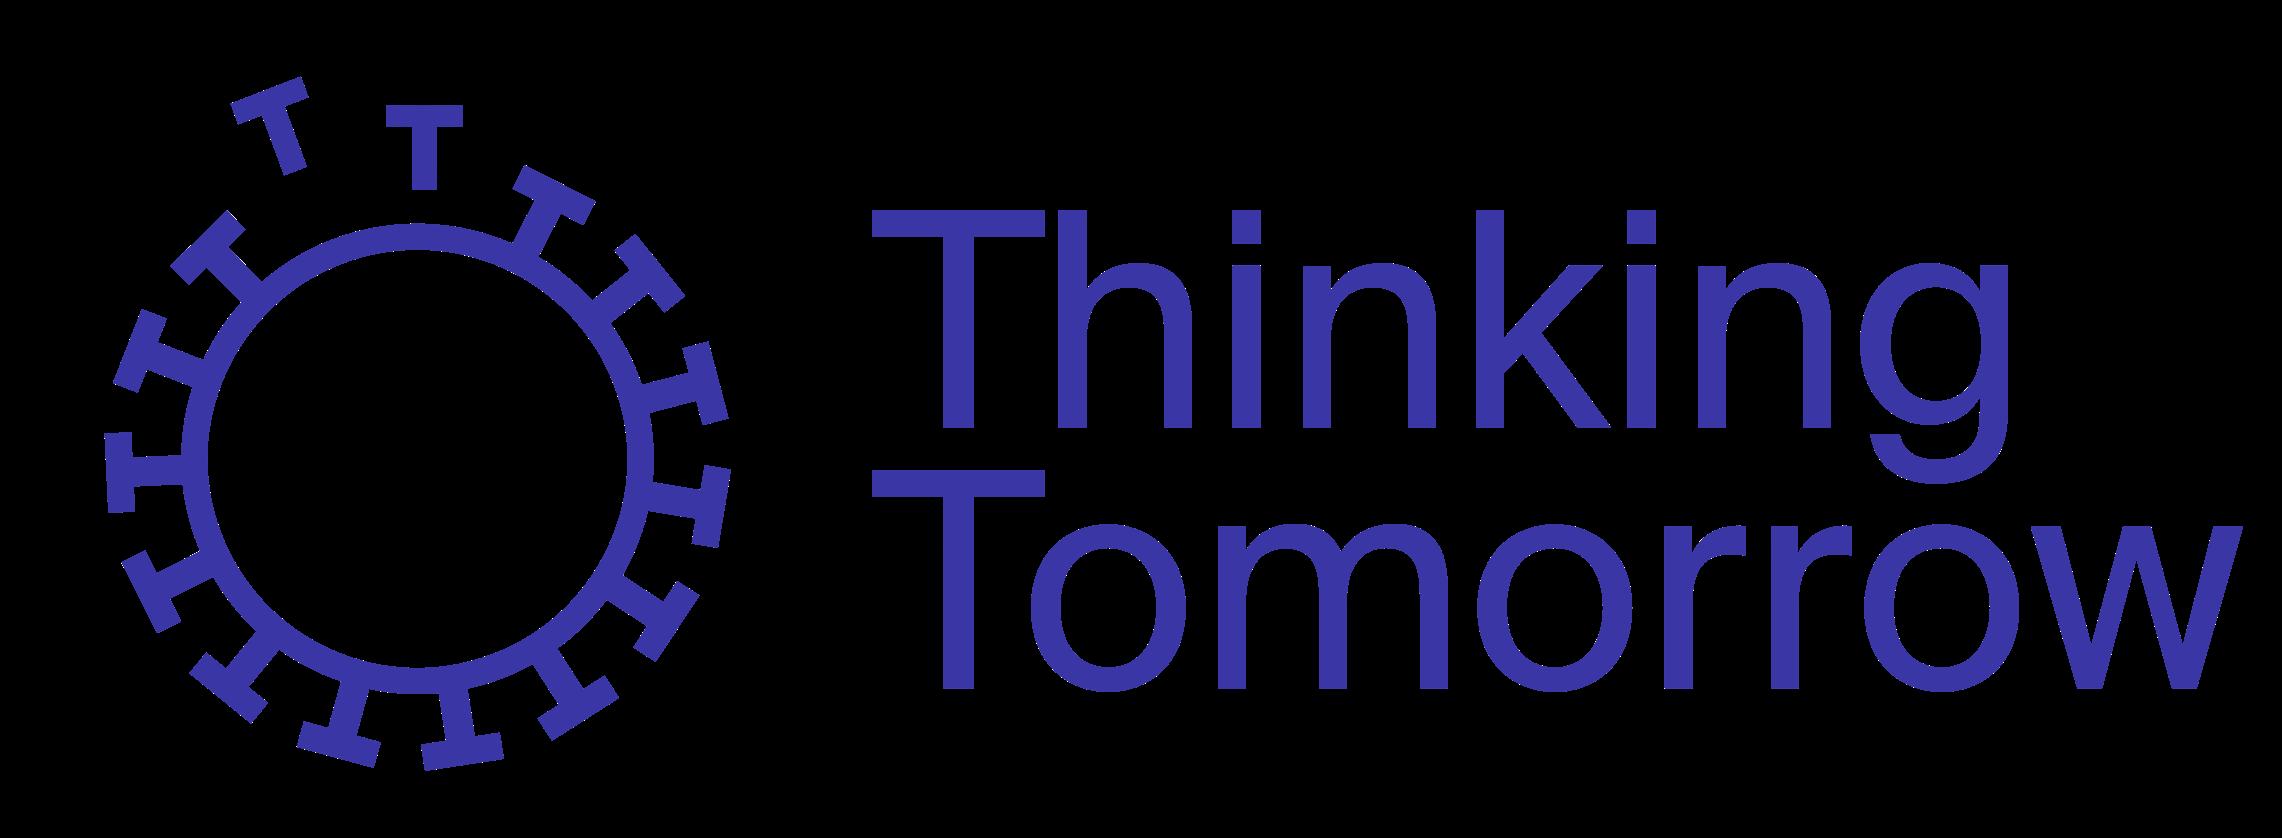 Thinking Tomorrow logo